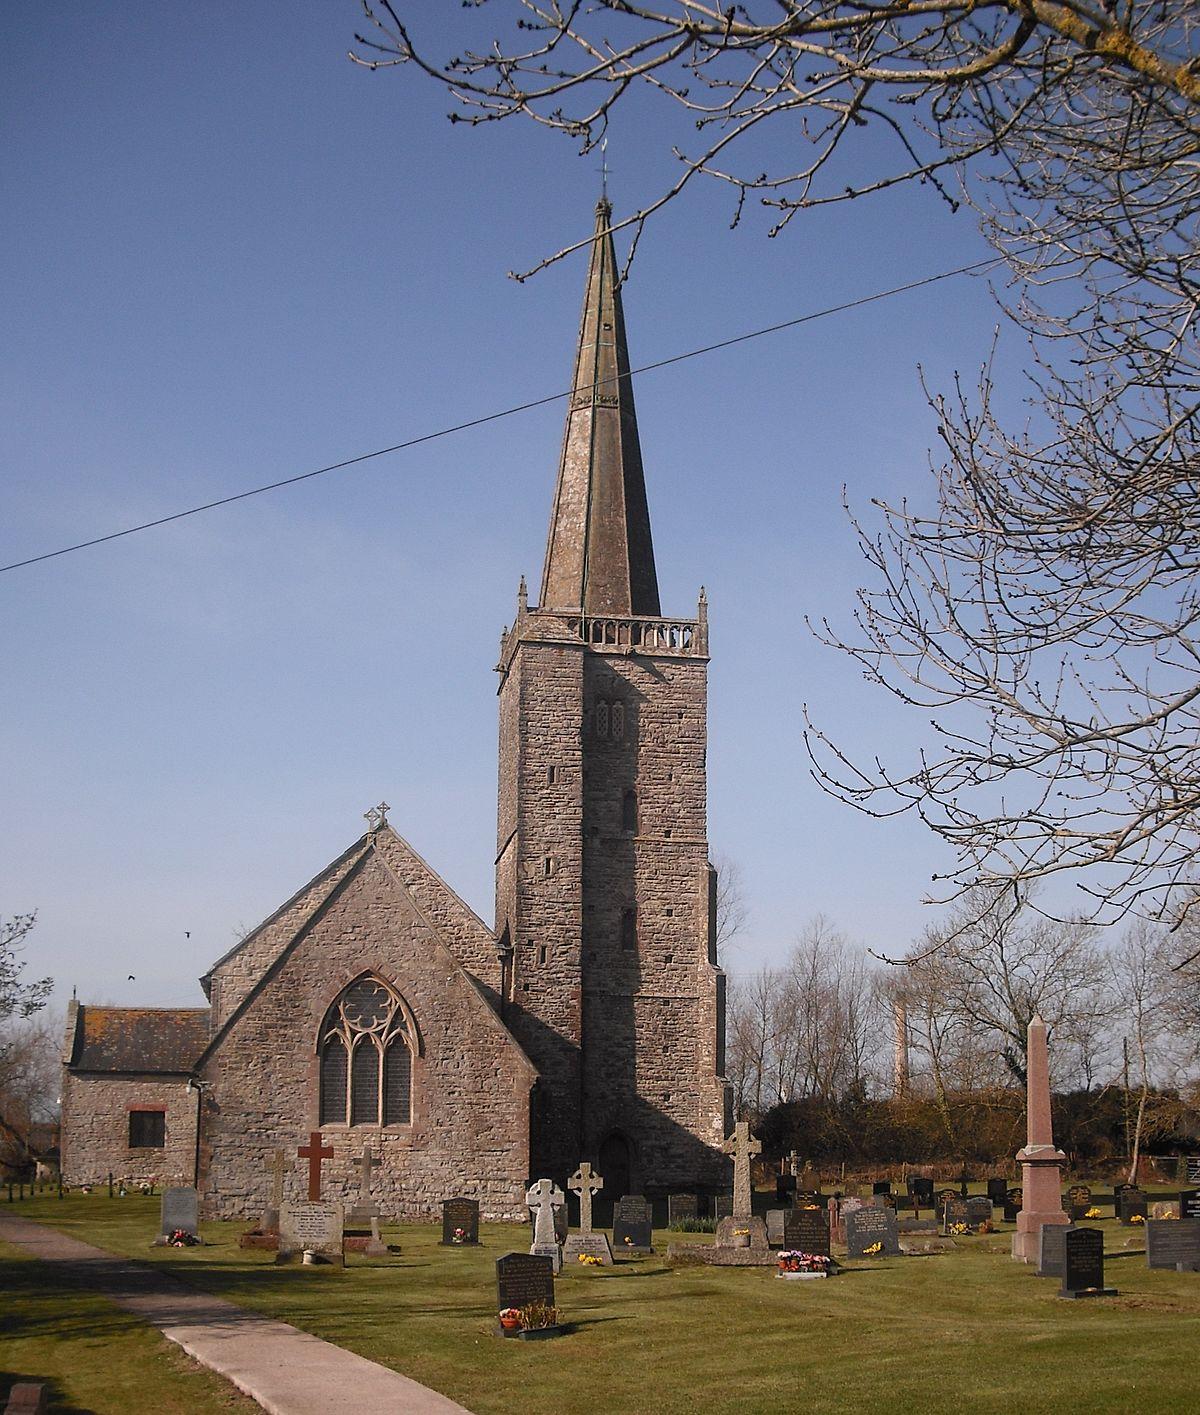 St Mary's Church - Wikidata